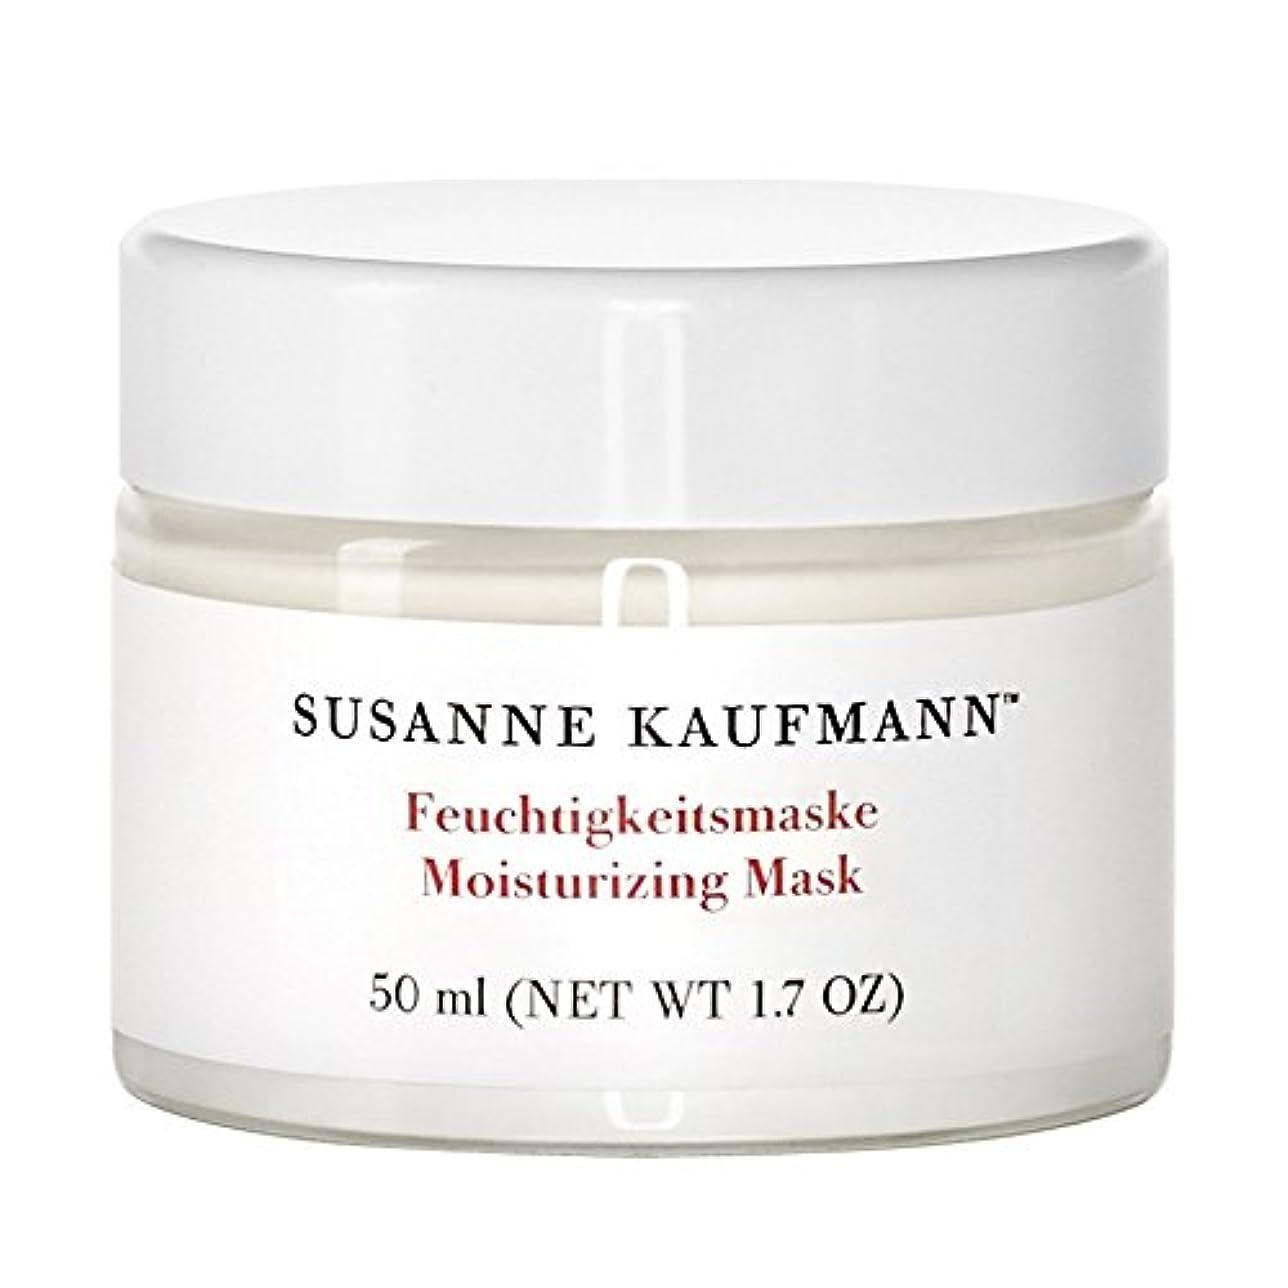 出費先生秘書スザンヌカウフマン保湿マスク50ミリリットル x4 - Susanne Kaufmann Moisturising Mask 50ml (Pack of 4) [並行輸入品]